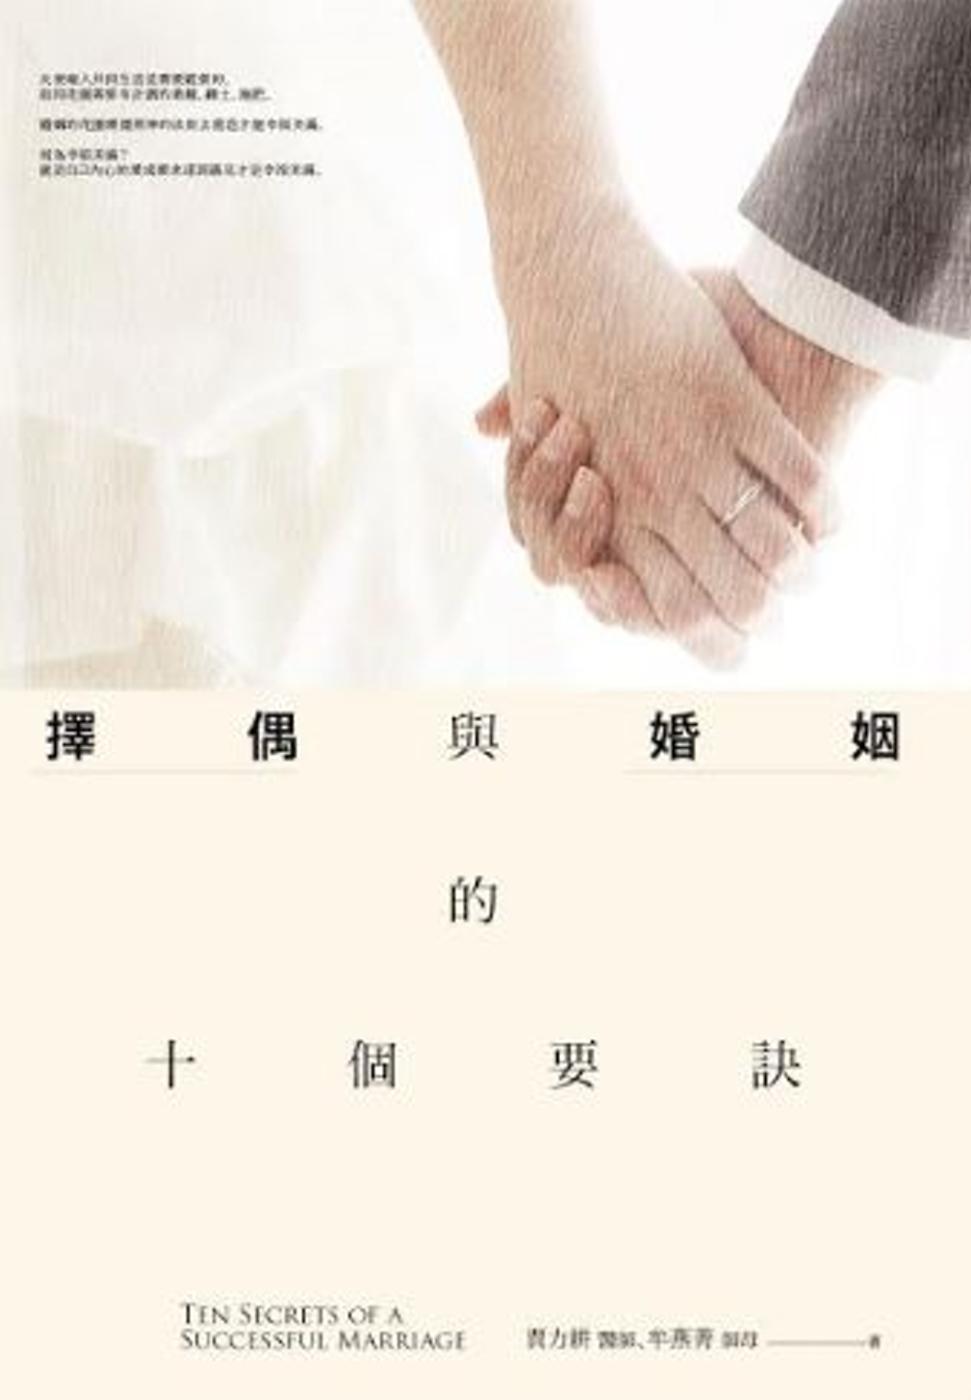 擇偶與婚姻的十個要訣